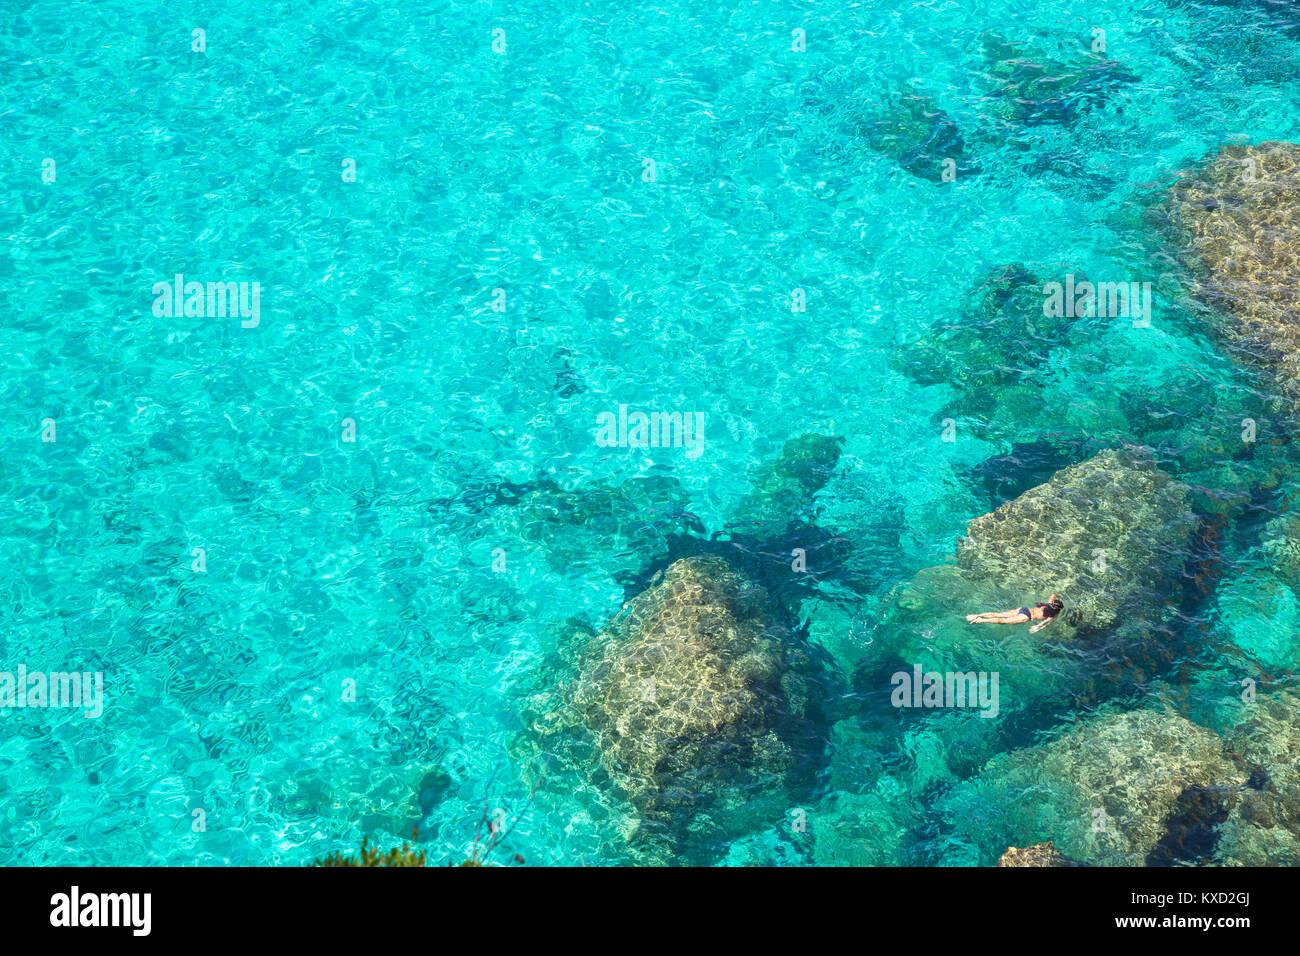 Persona nadando en las aguas de color esmeralda de Cala Mitjana, Menorca, Islas Baleares, España, Europa Imagen De Stock